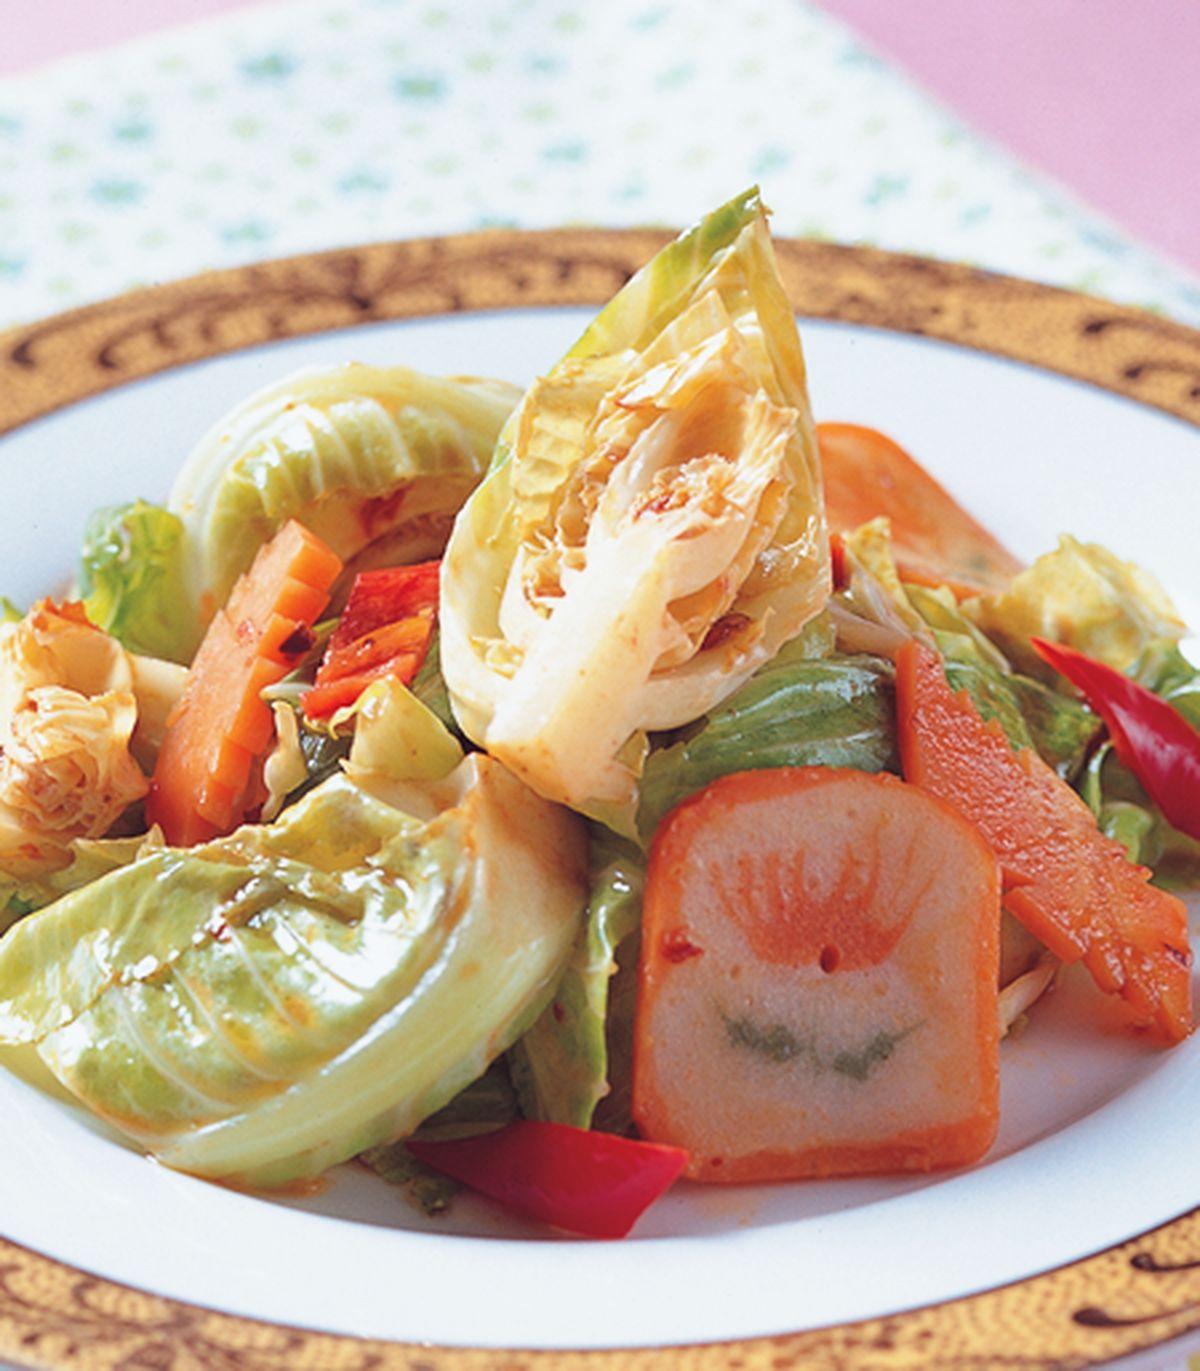 食譜:辣豆瓣炒高麗菜苗